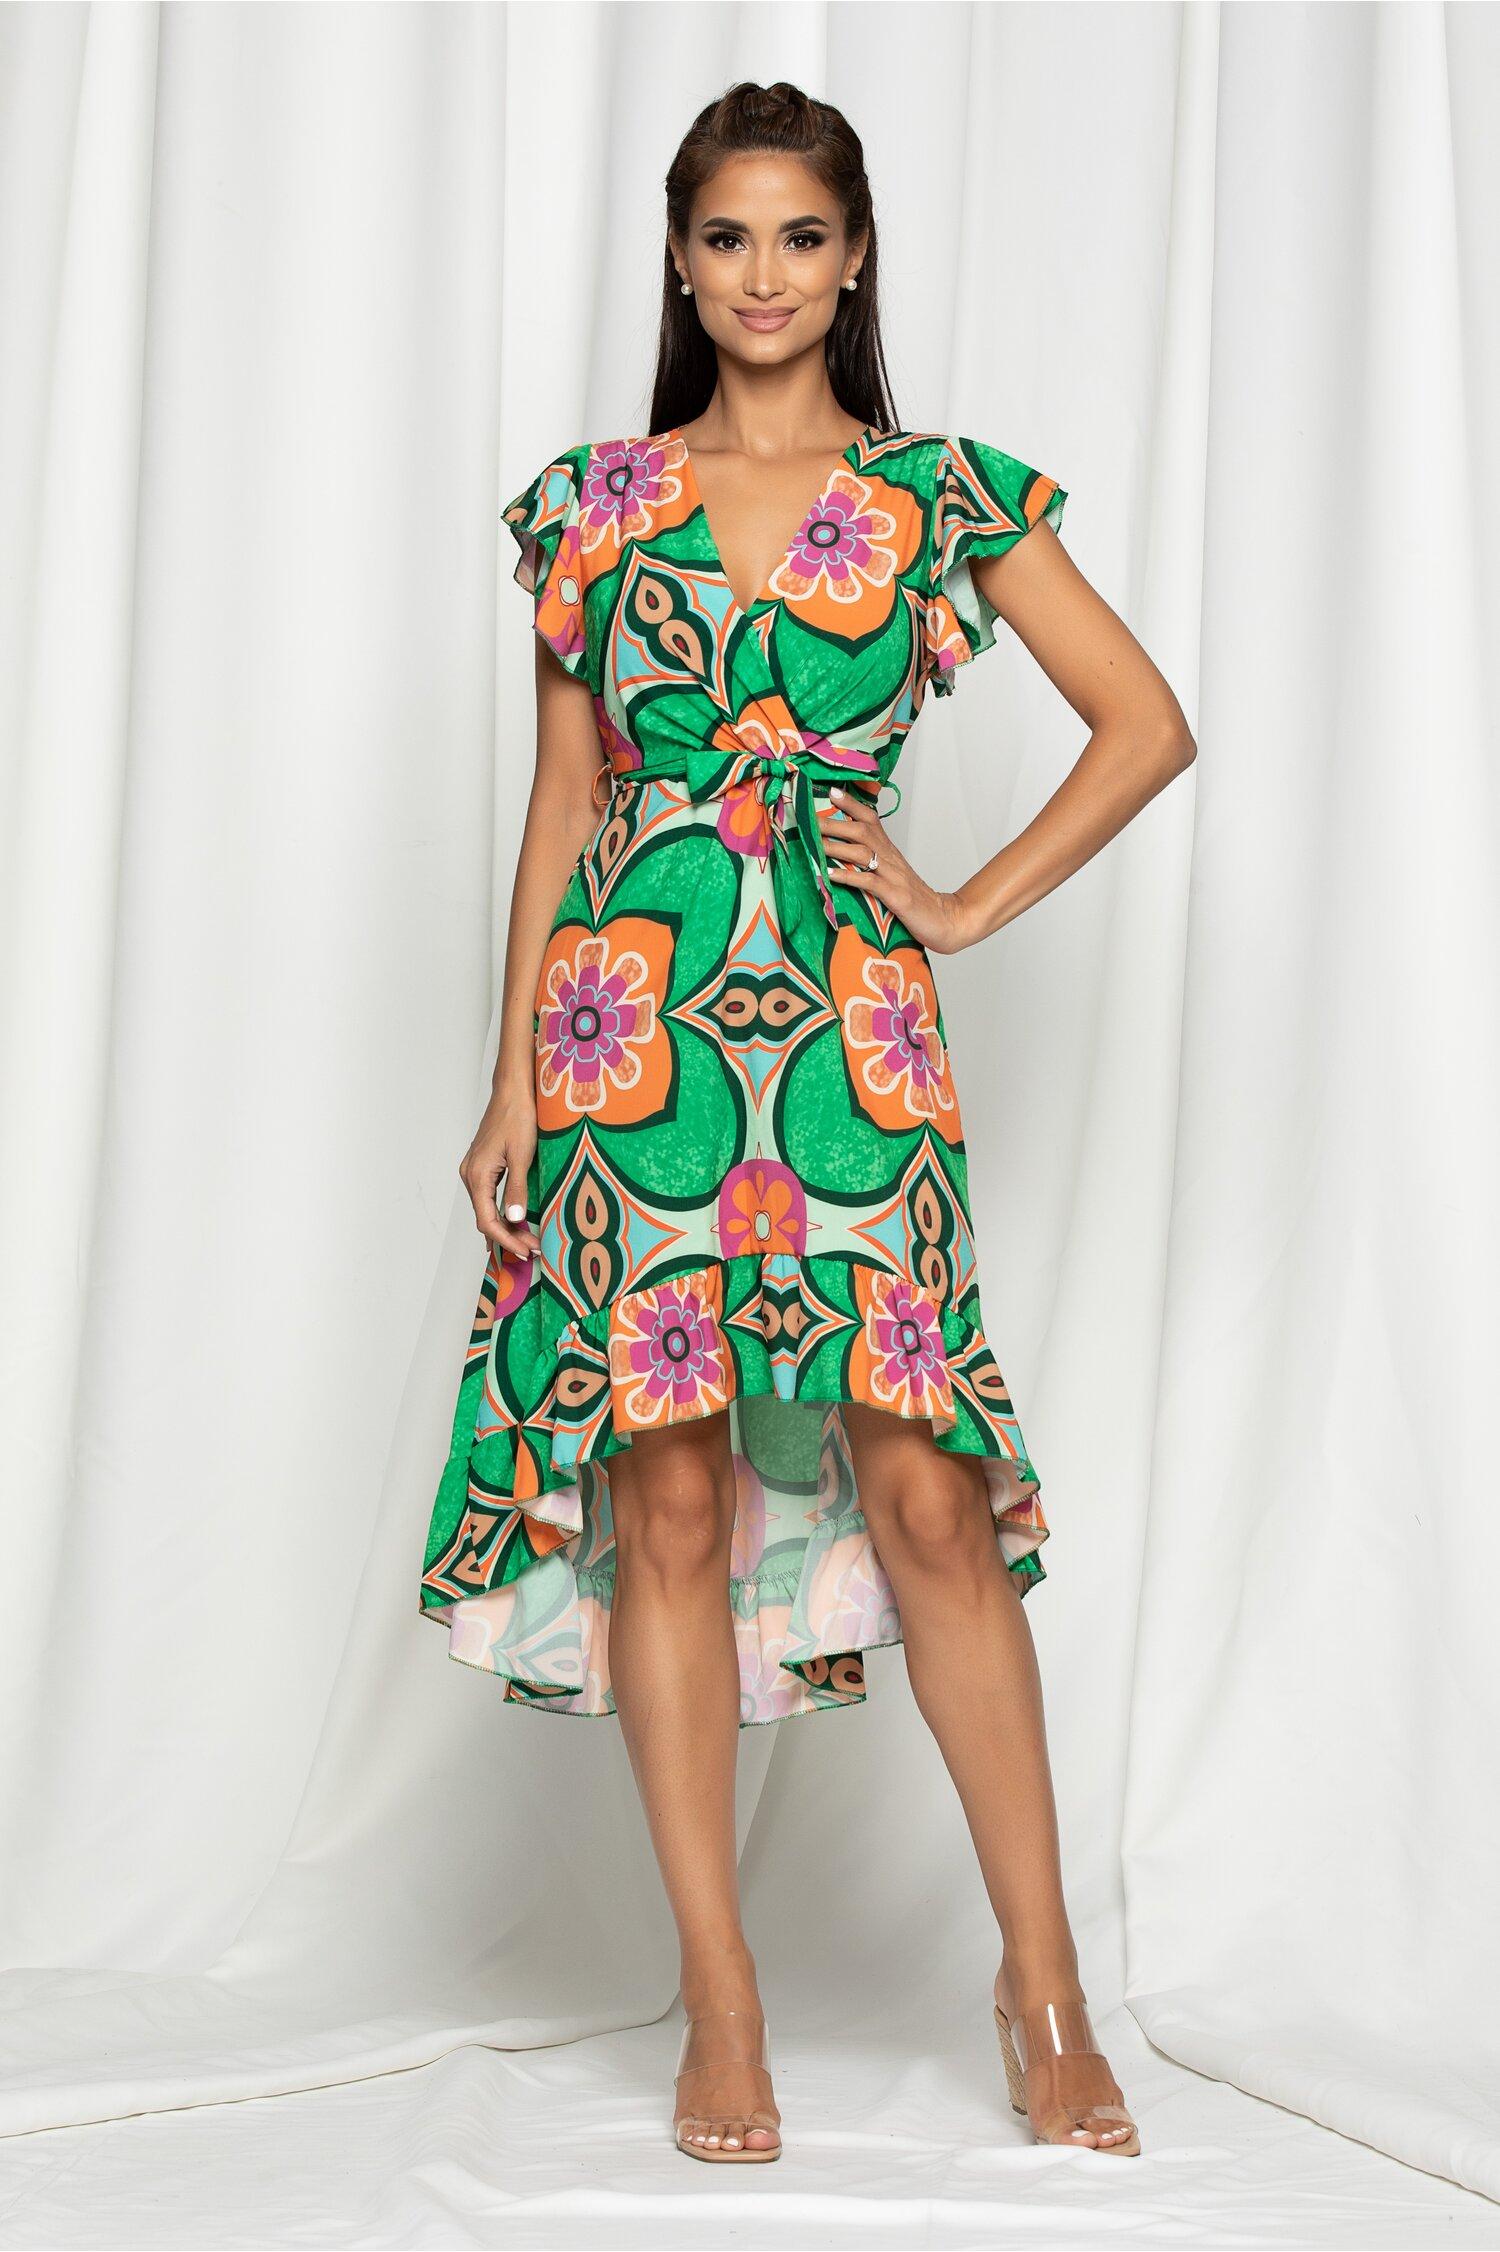 Rochie Wendy verde cu imprimeu floral colorat si baza asimetrica